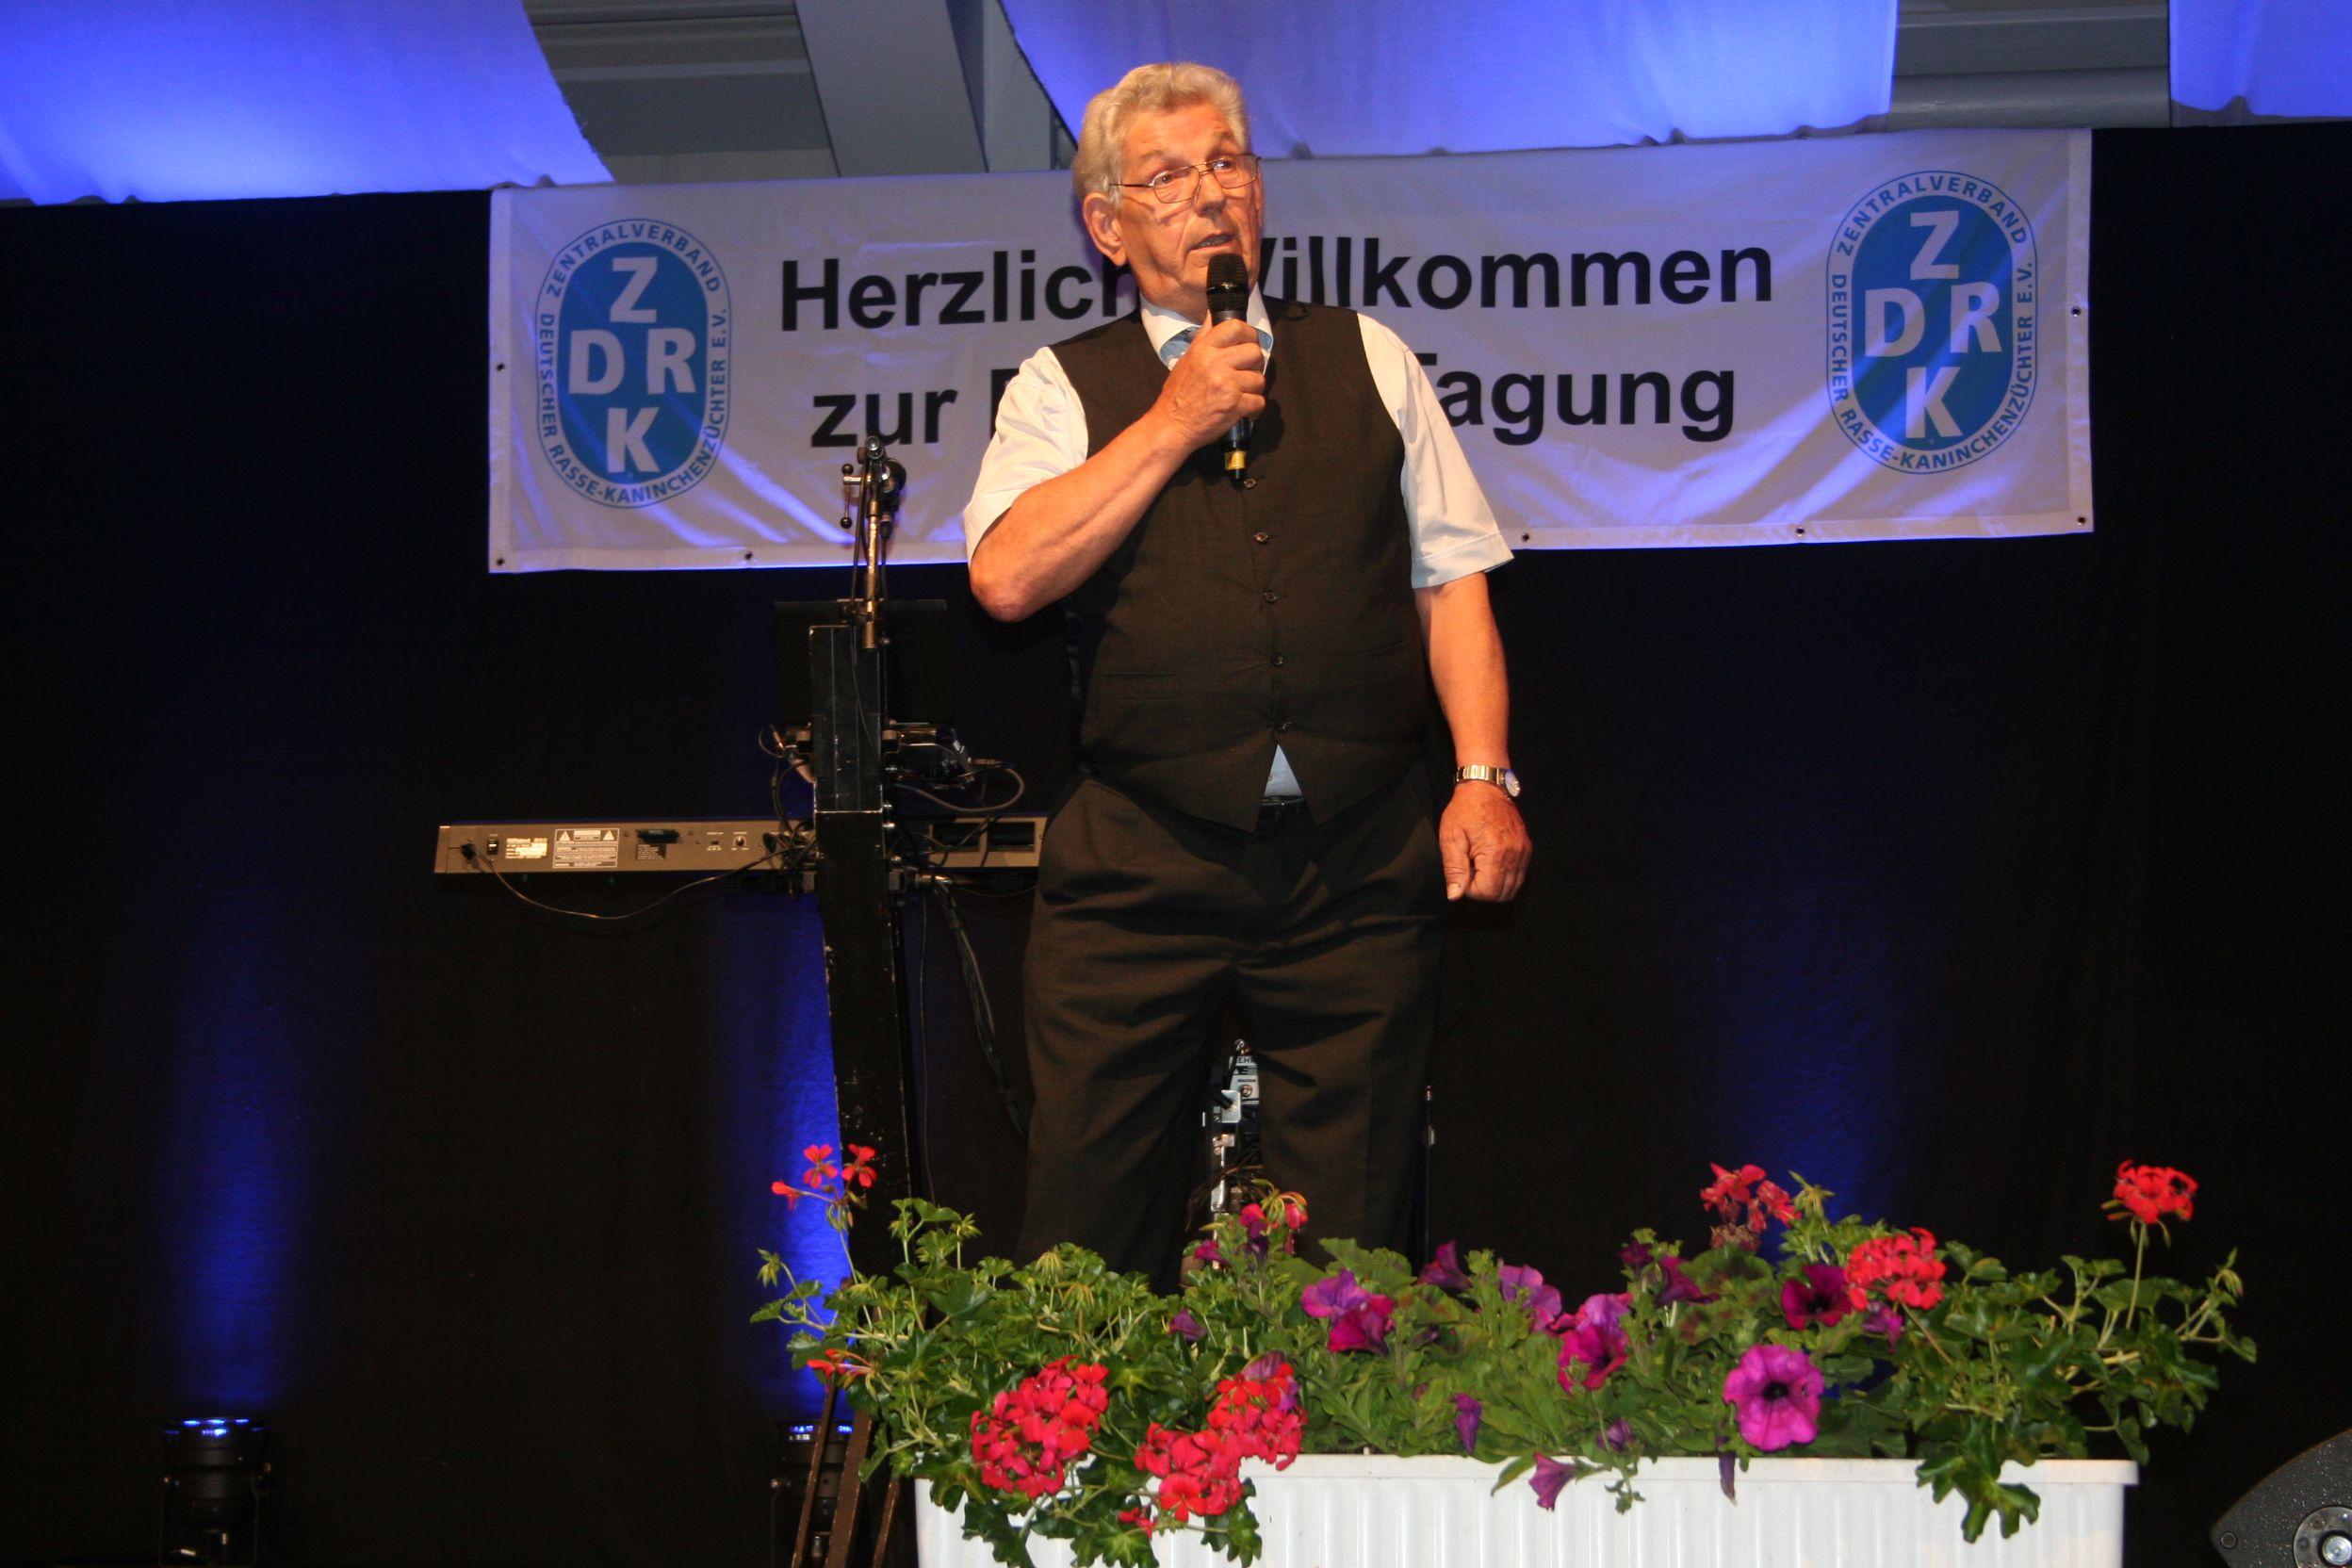 ZDRK_Tagung_Oberhof_rs_2